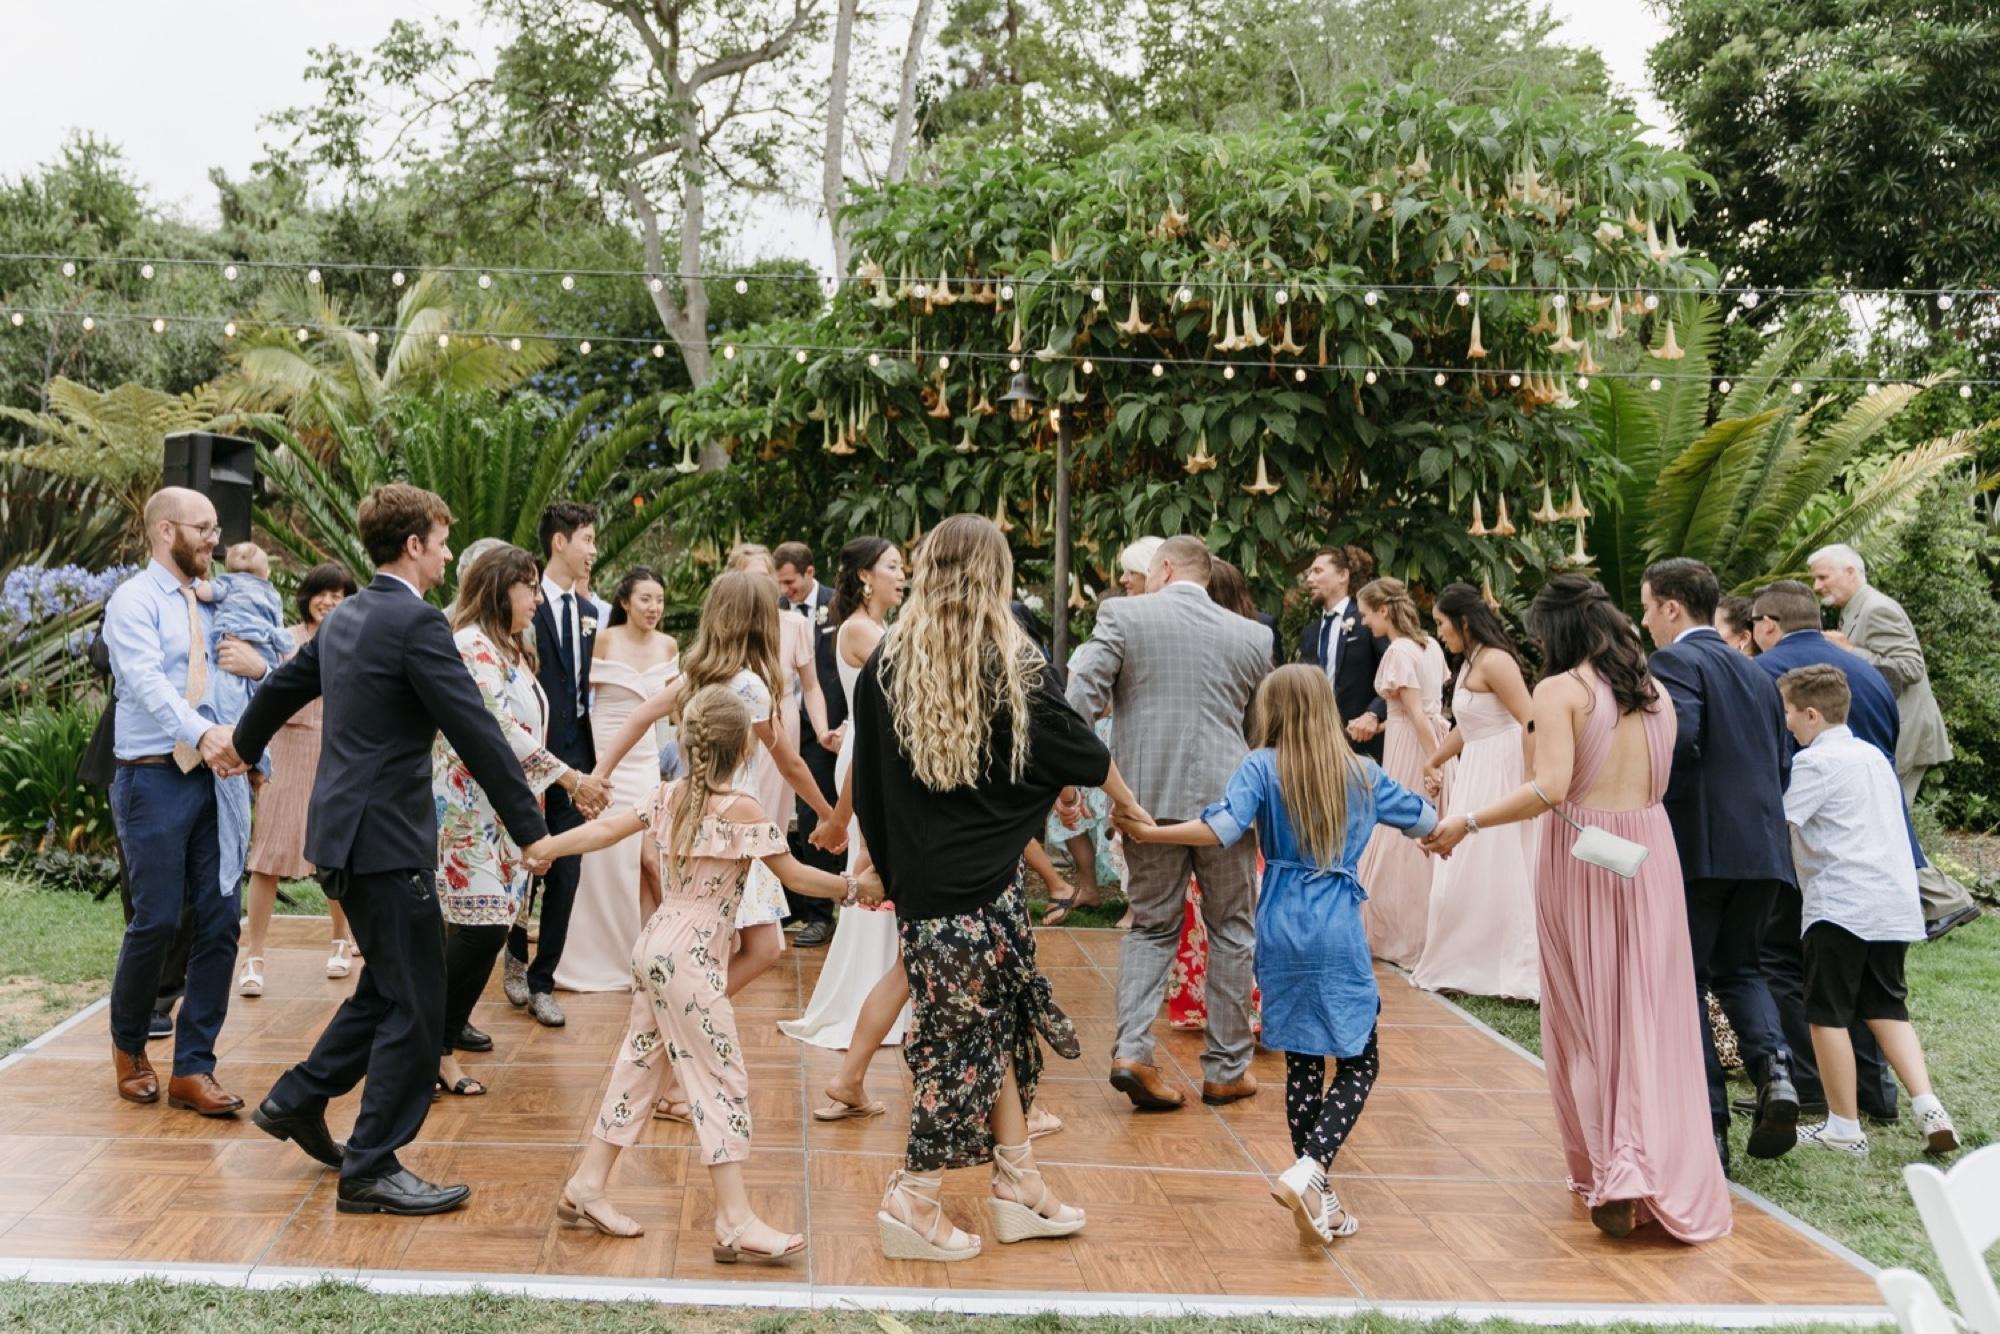 074_Shawna and Steve's Wedding-481.jpg